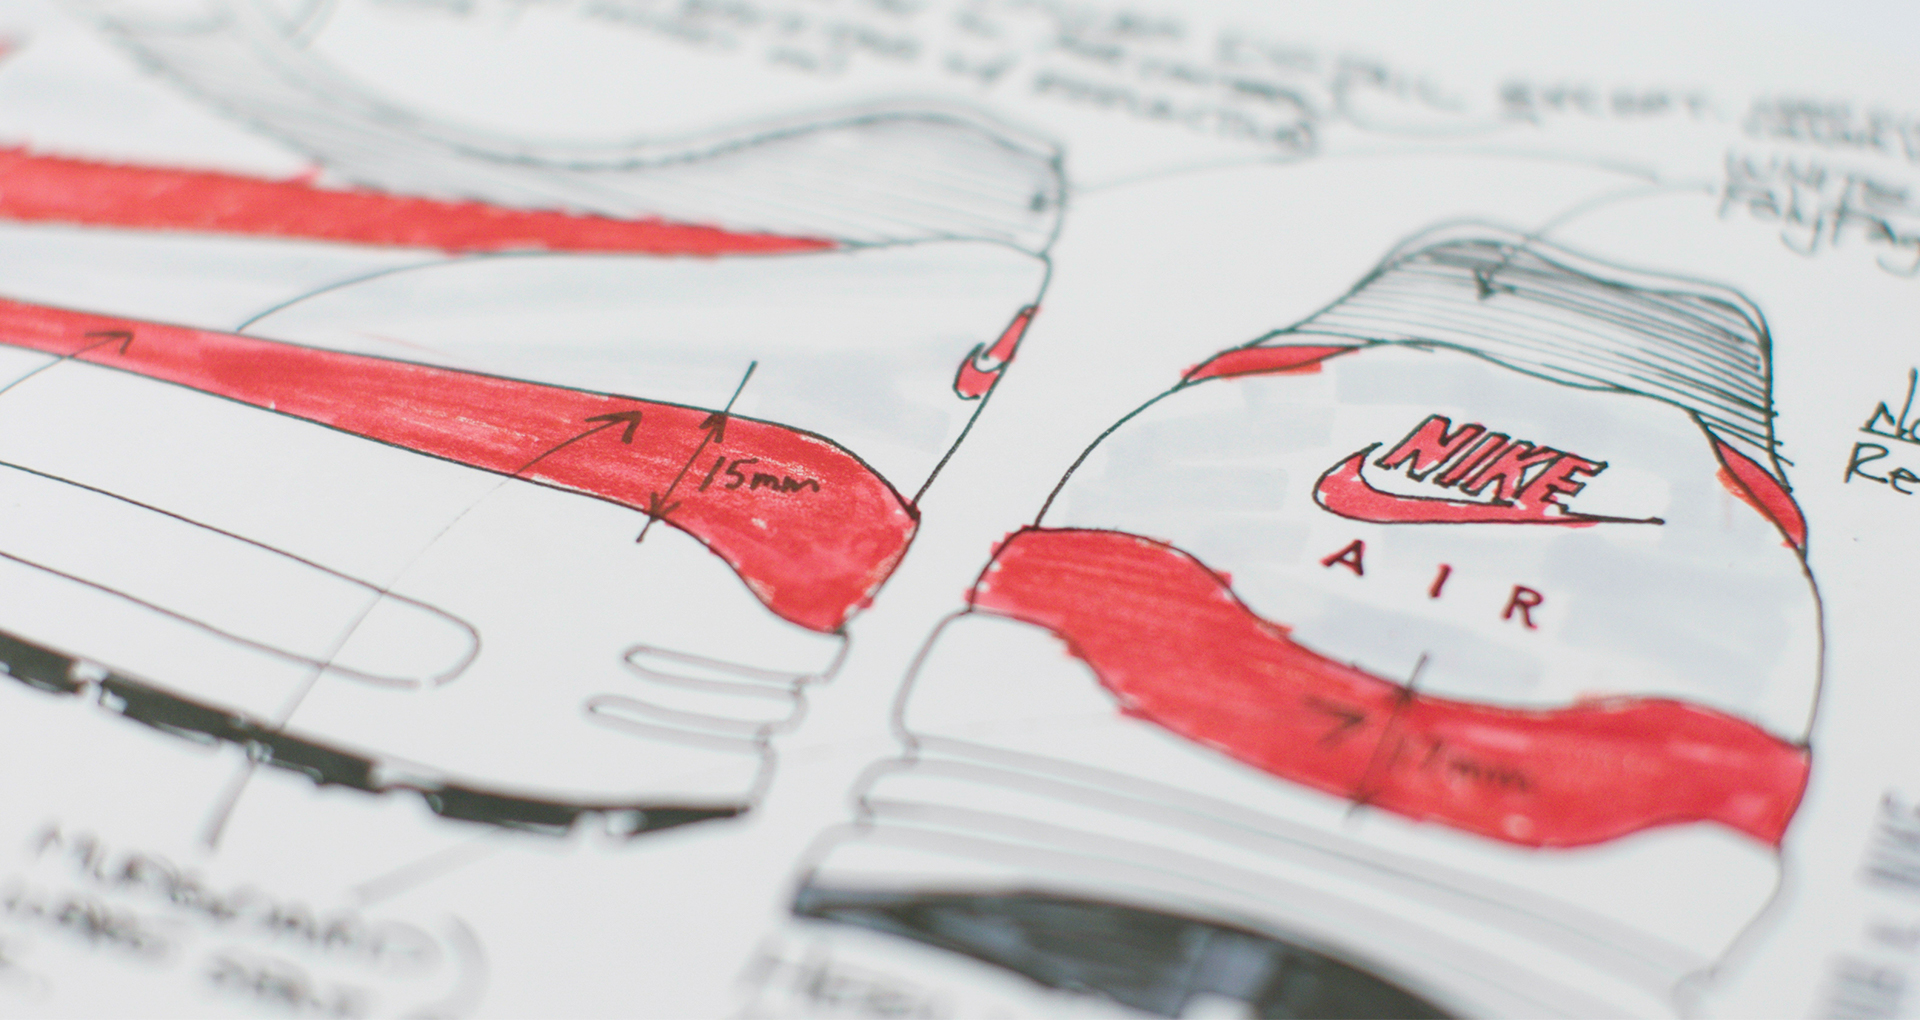 Nike Air Max 1 OG trở lại với hình bóng huyền thoại nhân dịp sinh nhật 30 năm - Ảnh 1.